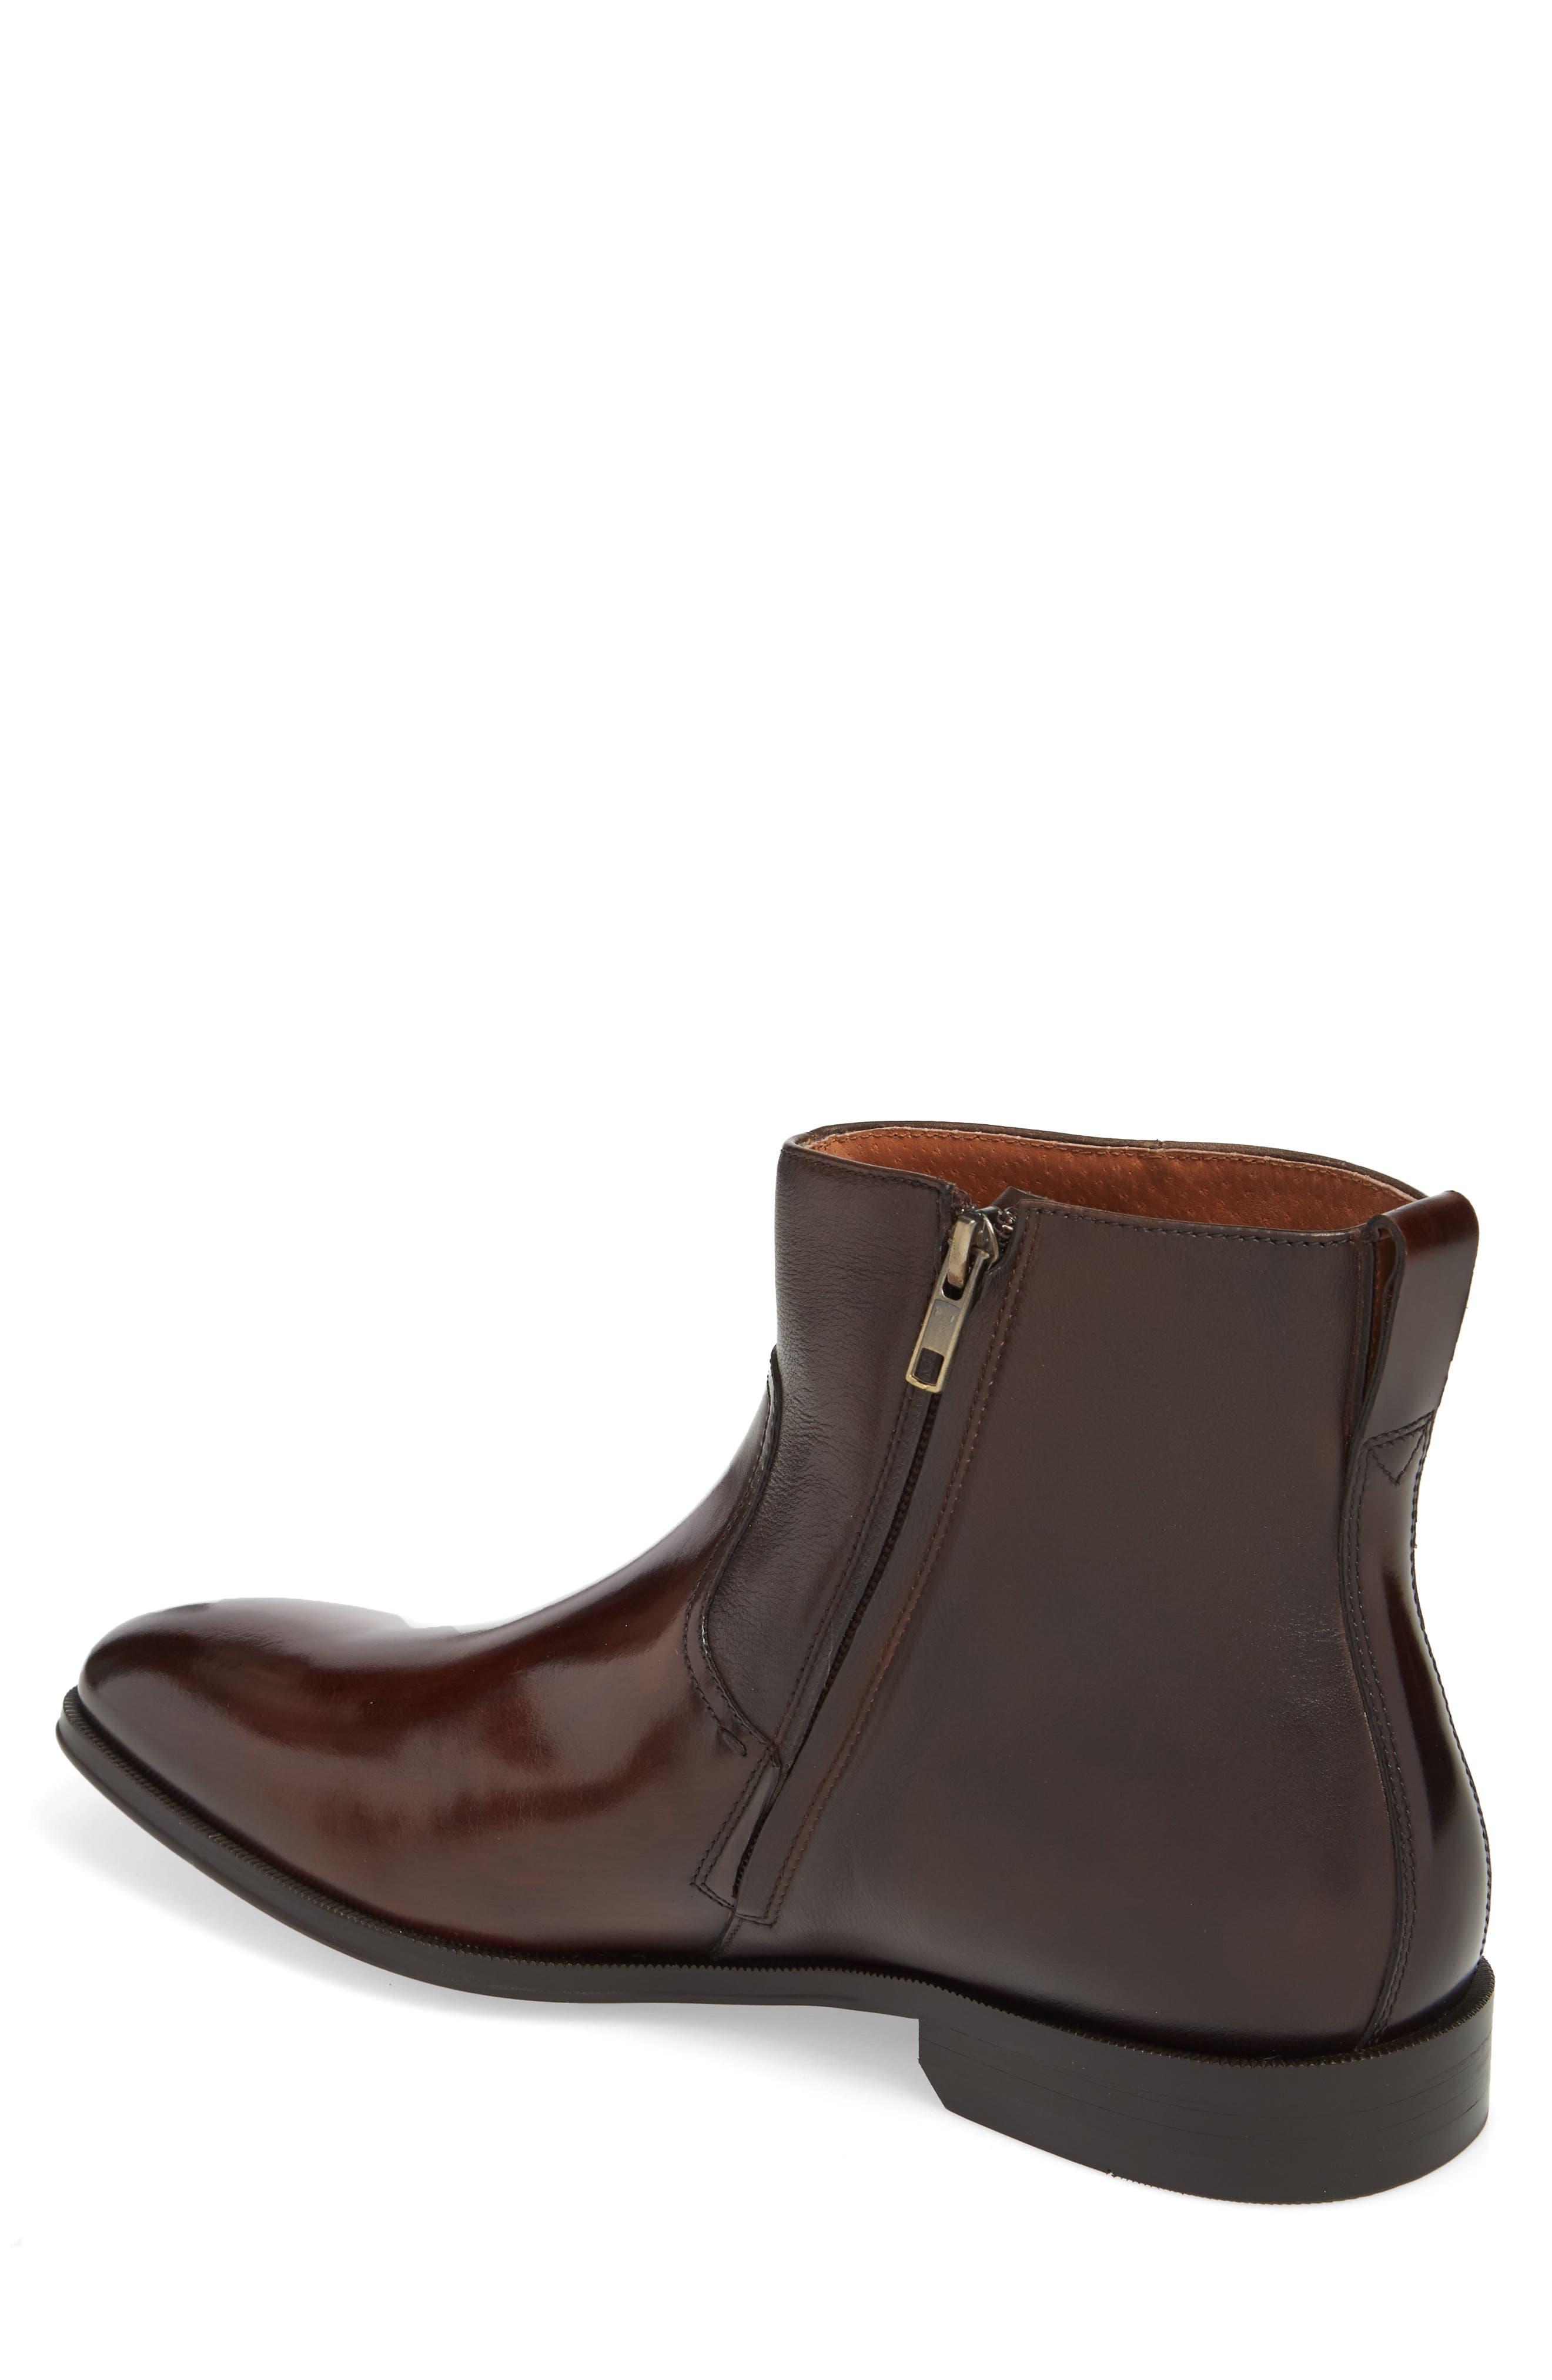 d107a5b177 Mens Florsheim Boots